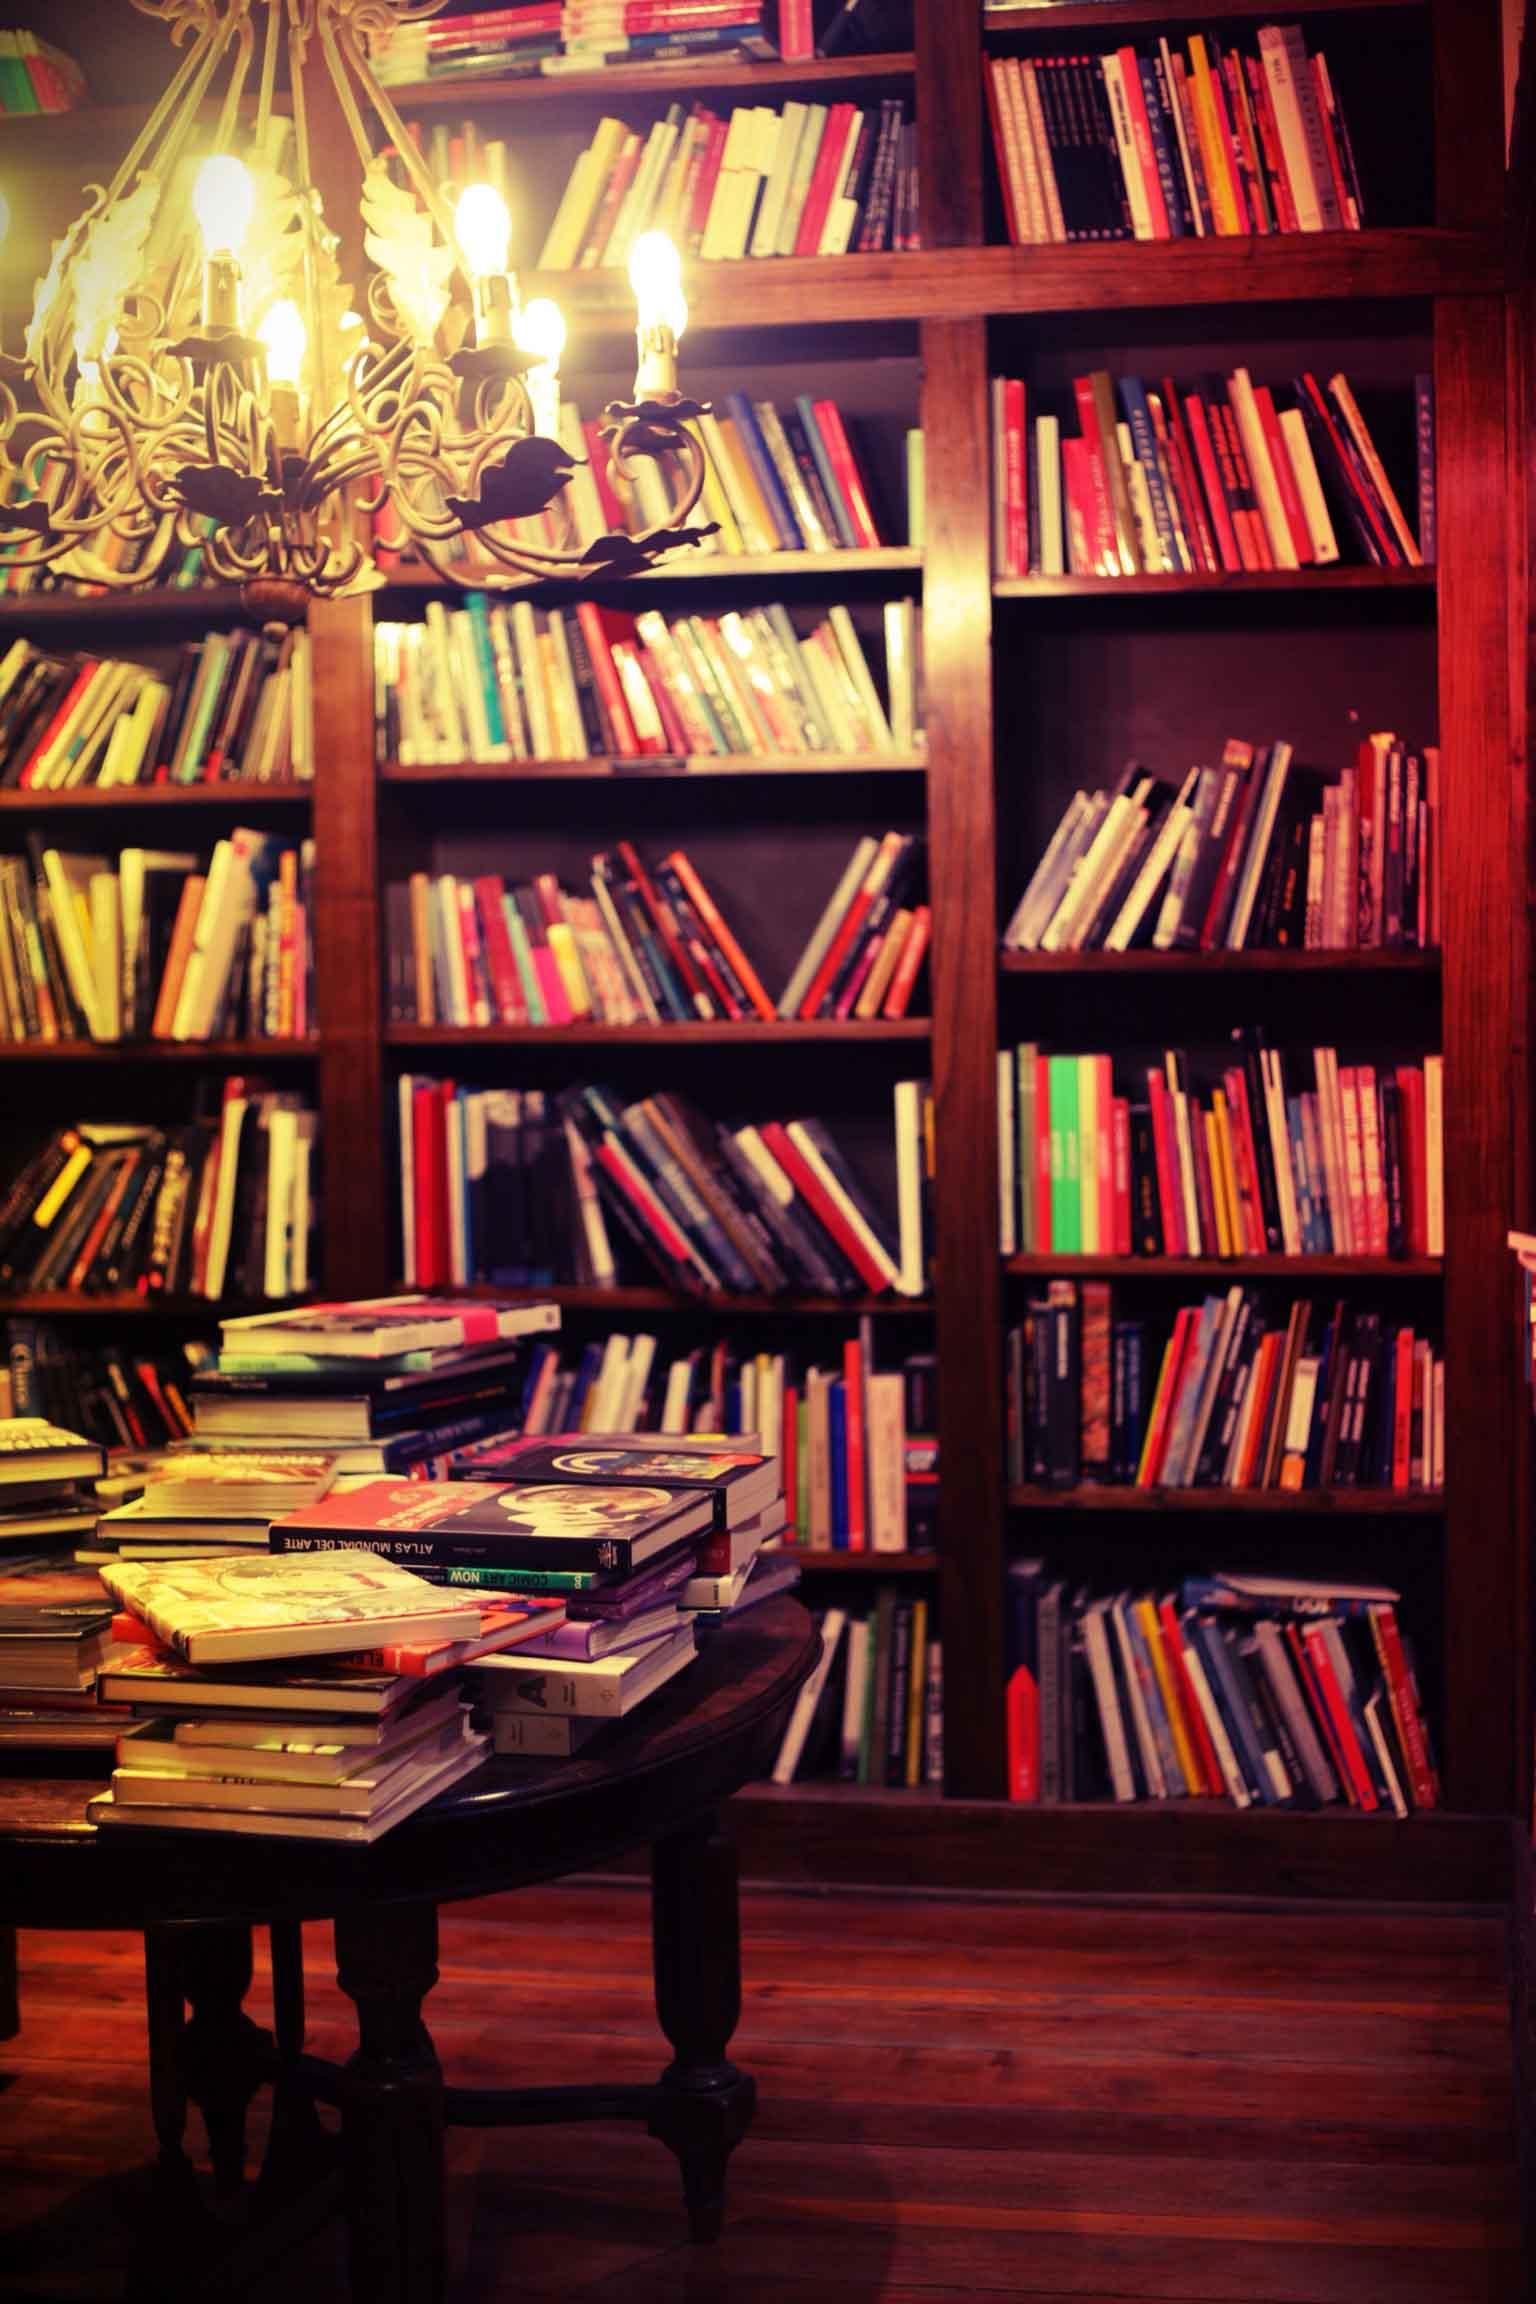 Eterna Cadencia books